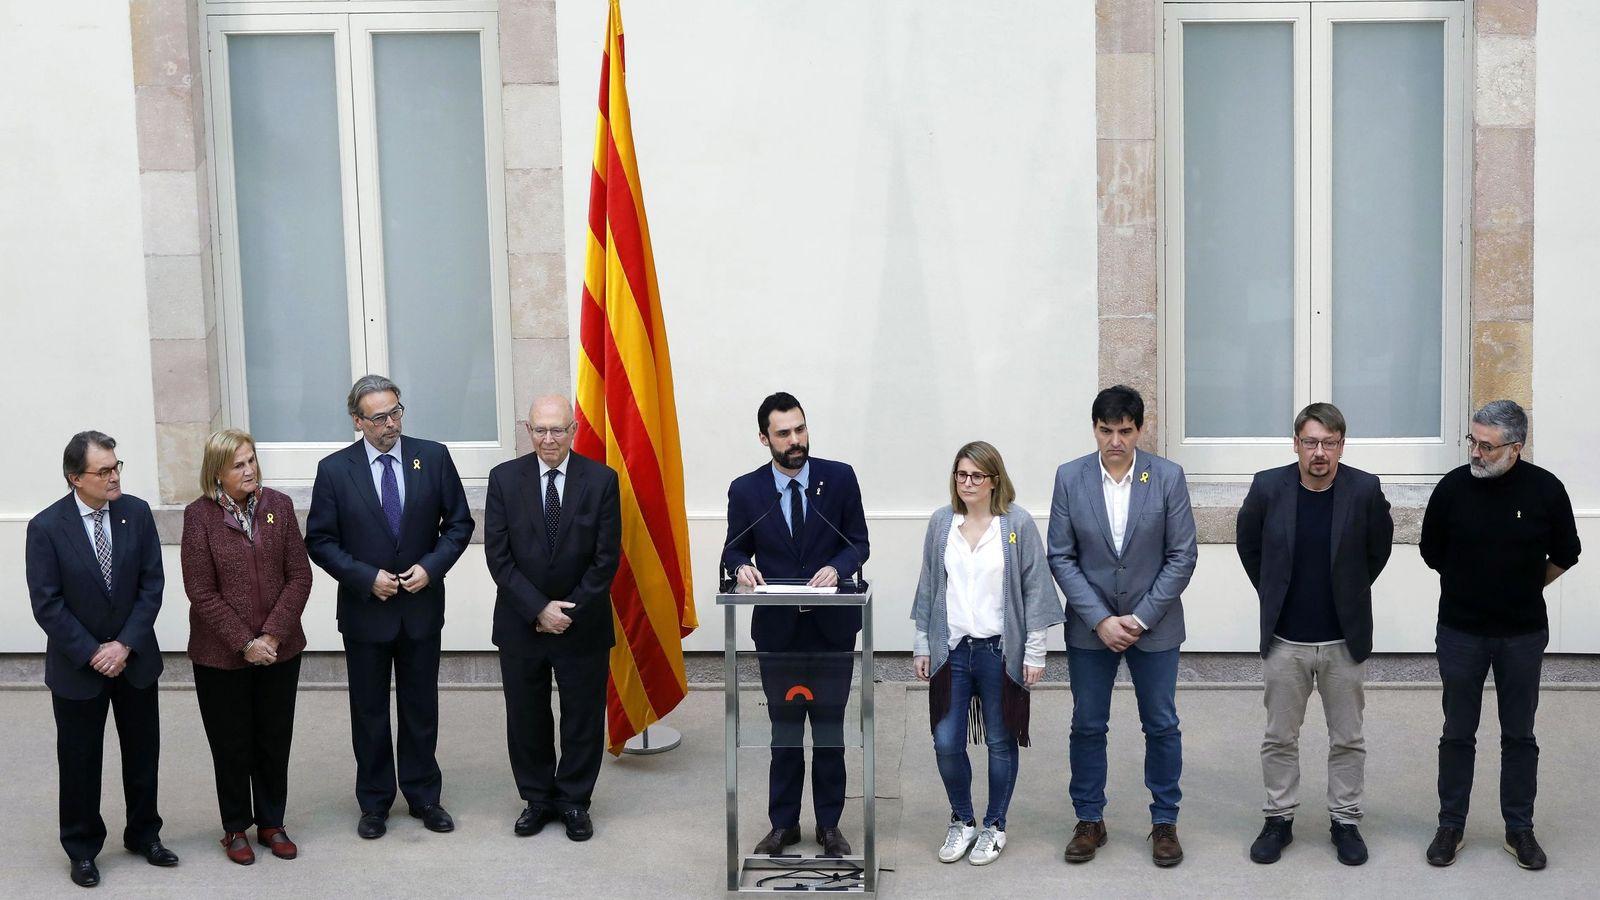 Foto: Torrent procede a leer la declaración institucional tras el pleno del Parlament. (EFE)